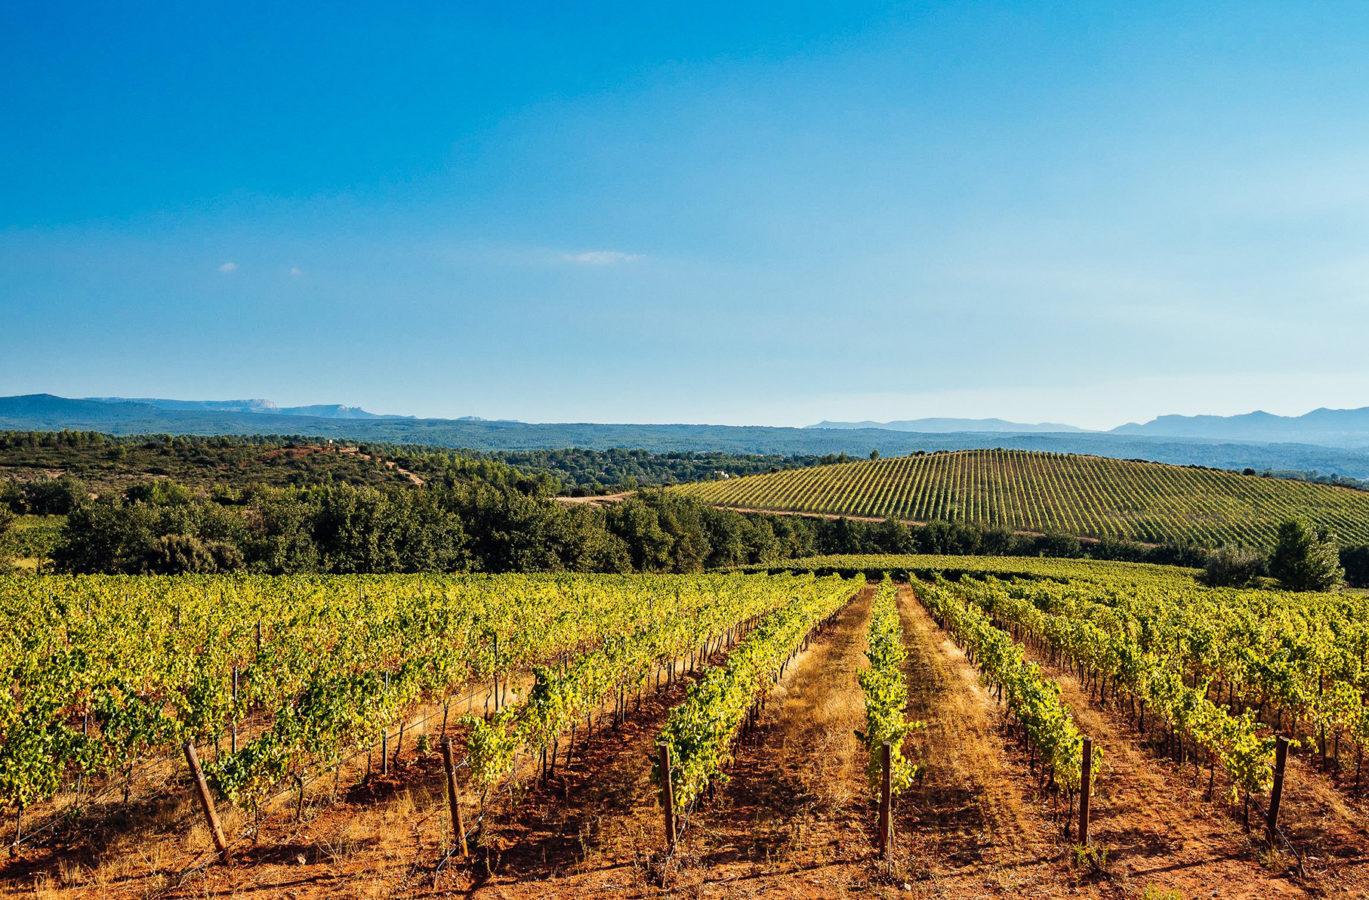 Domaine viticole et champs de vigne